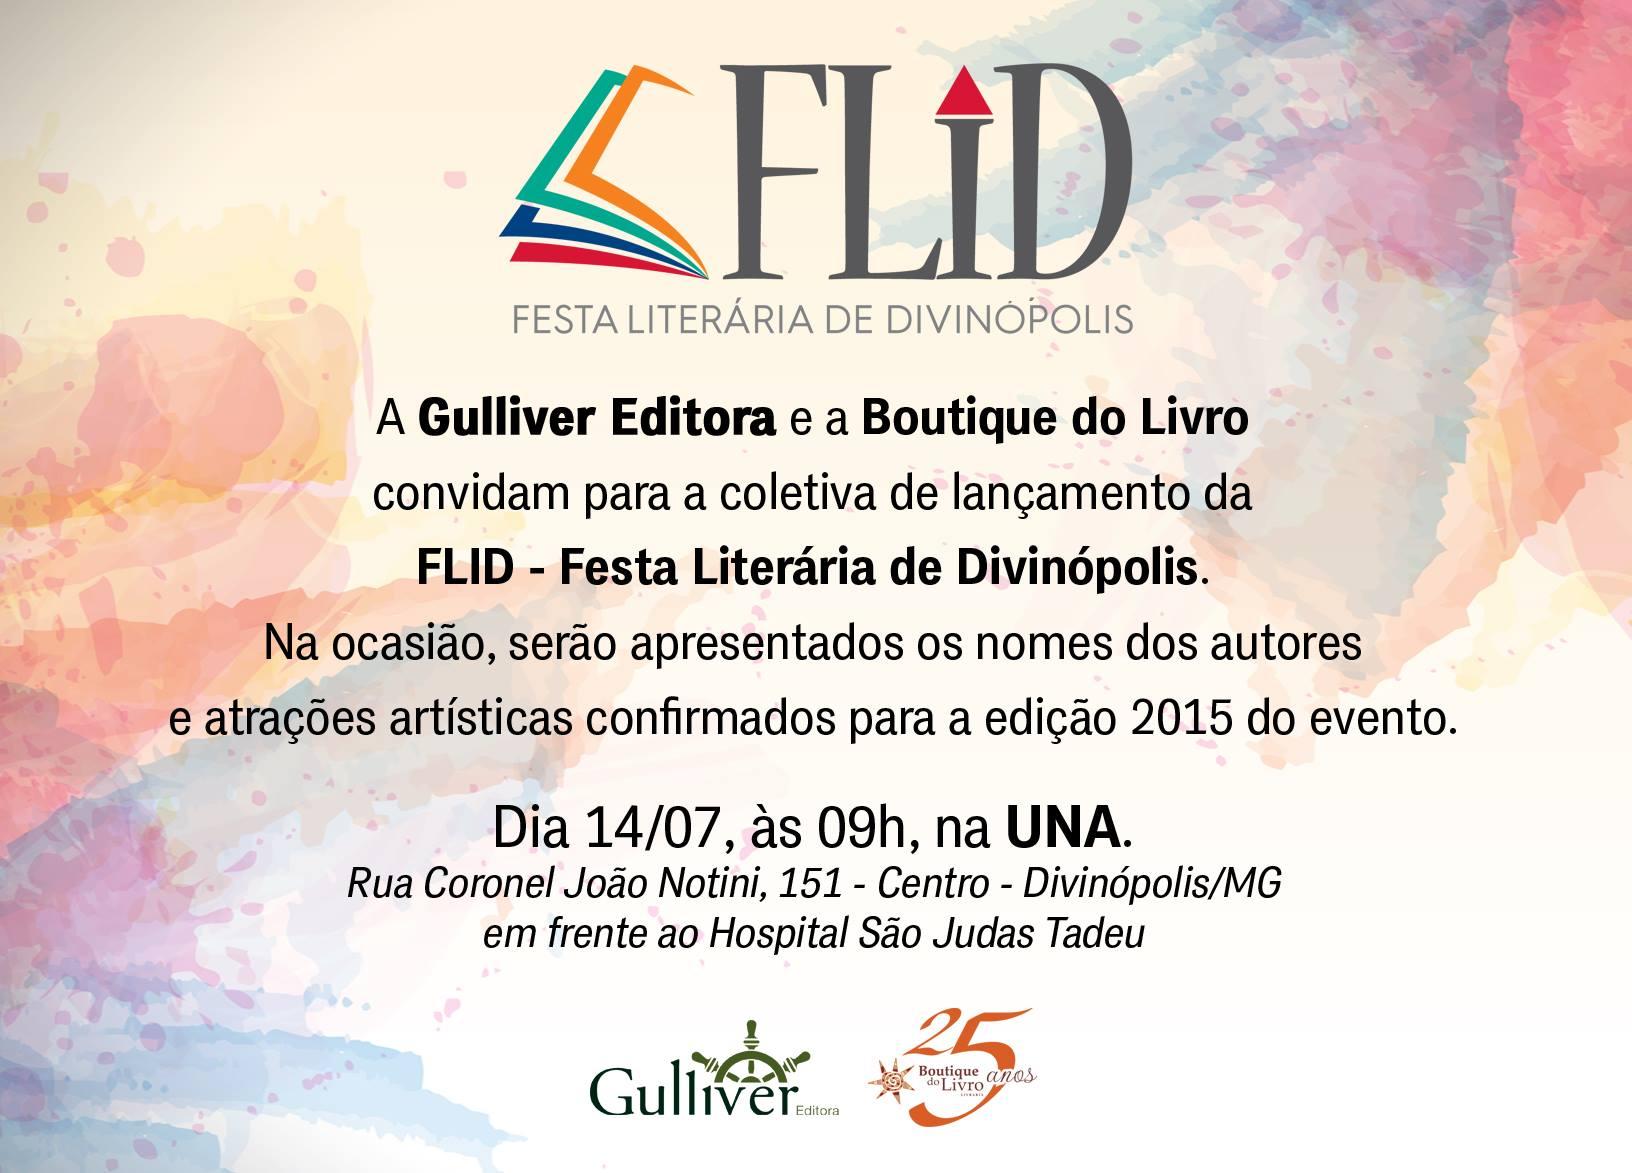 Festa Literária de Divinópolis